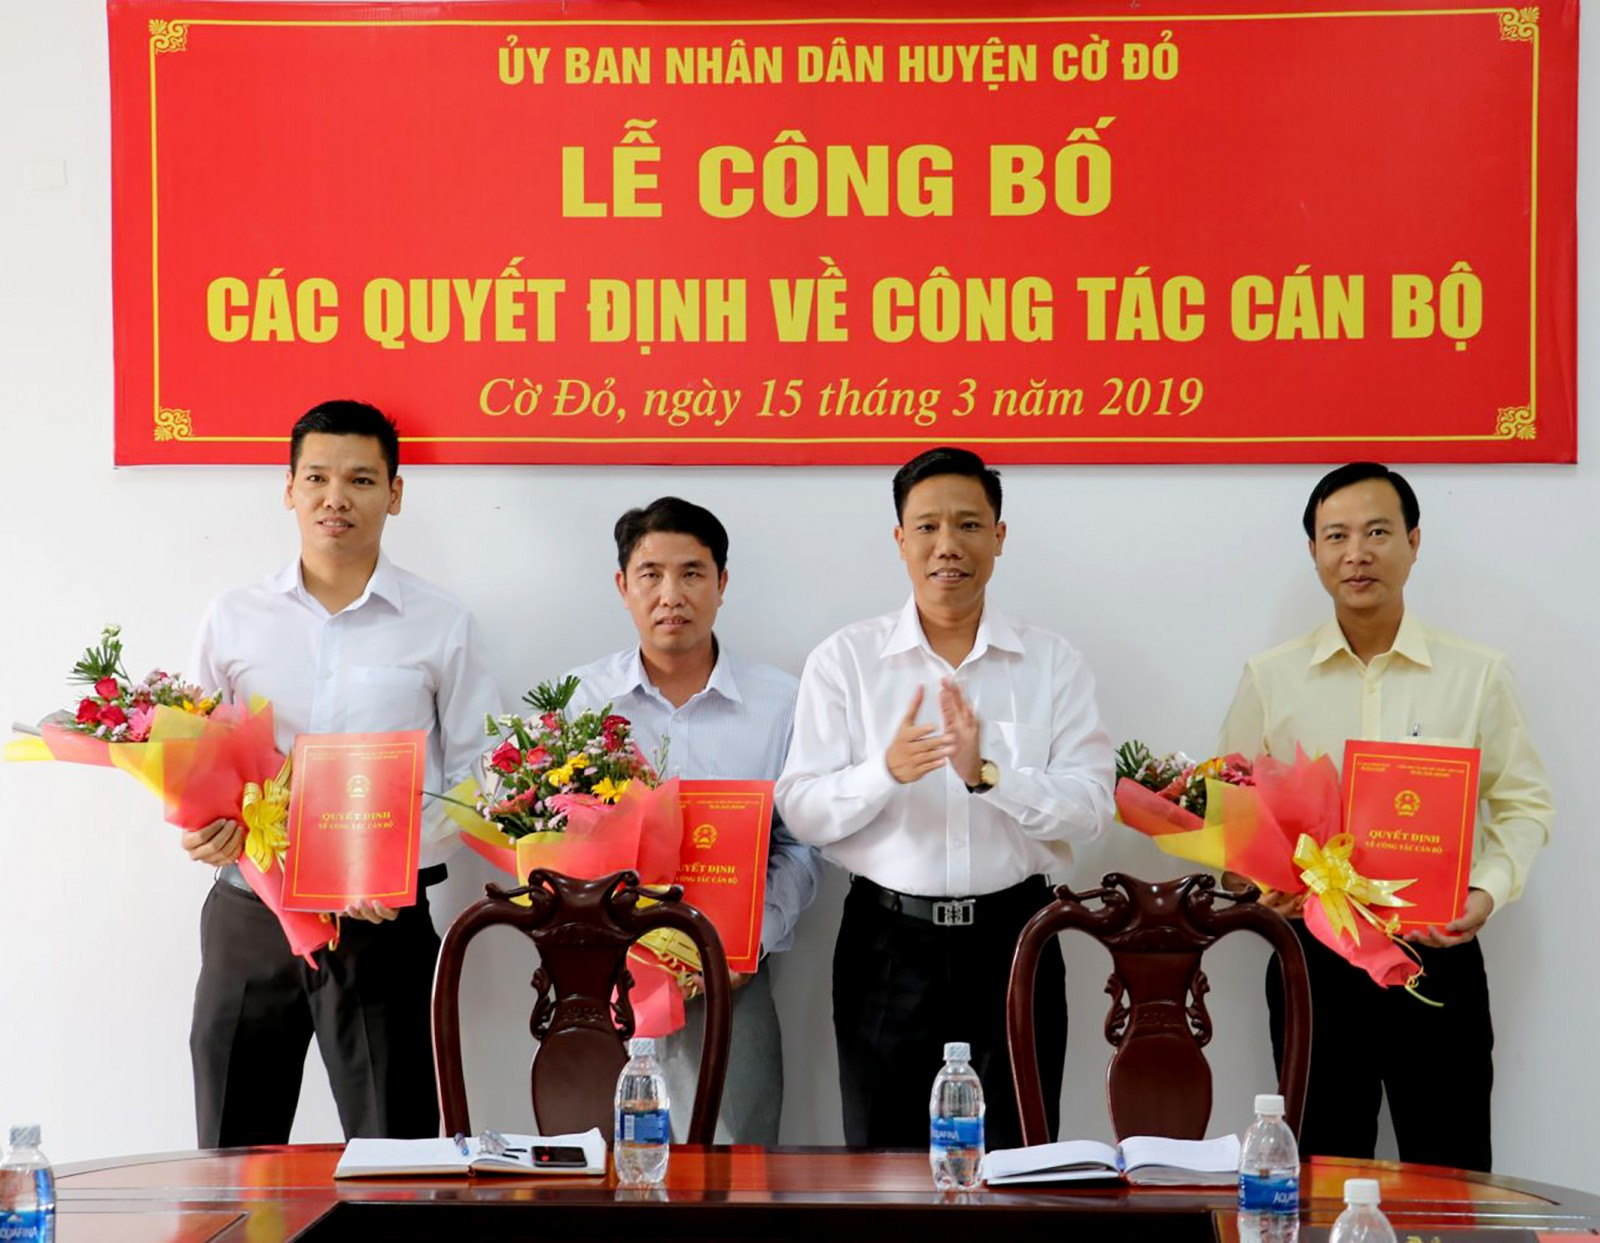 Đồng chí Nguyễn Thực Hiện, Bí thư Huyện ủy, Chủ tịch UBND huyện Cờ Đỏ trao các quyết định về công tác cán bộ. Ảnh: QUỐC THÁI